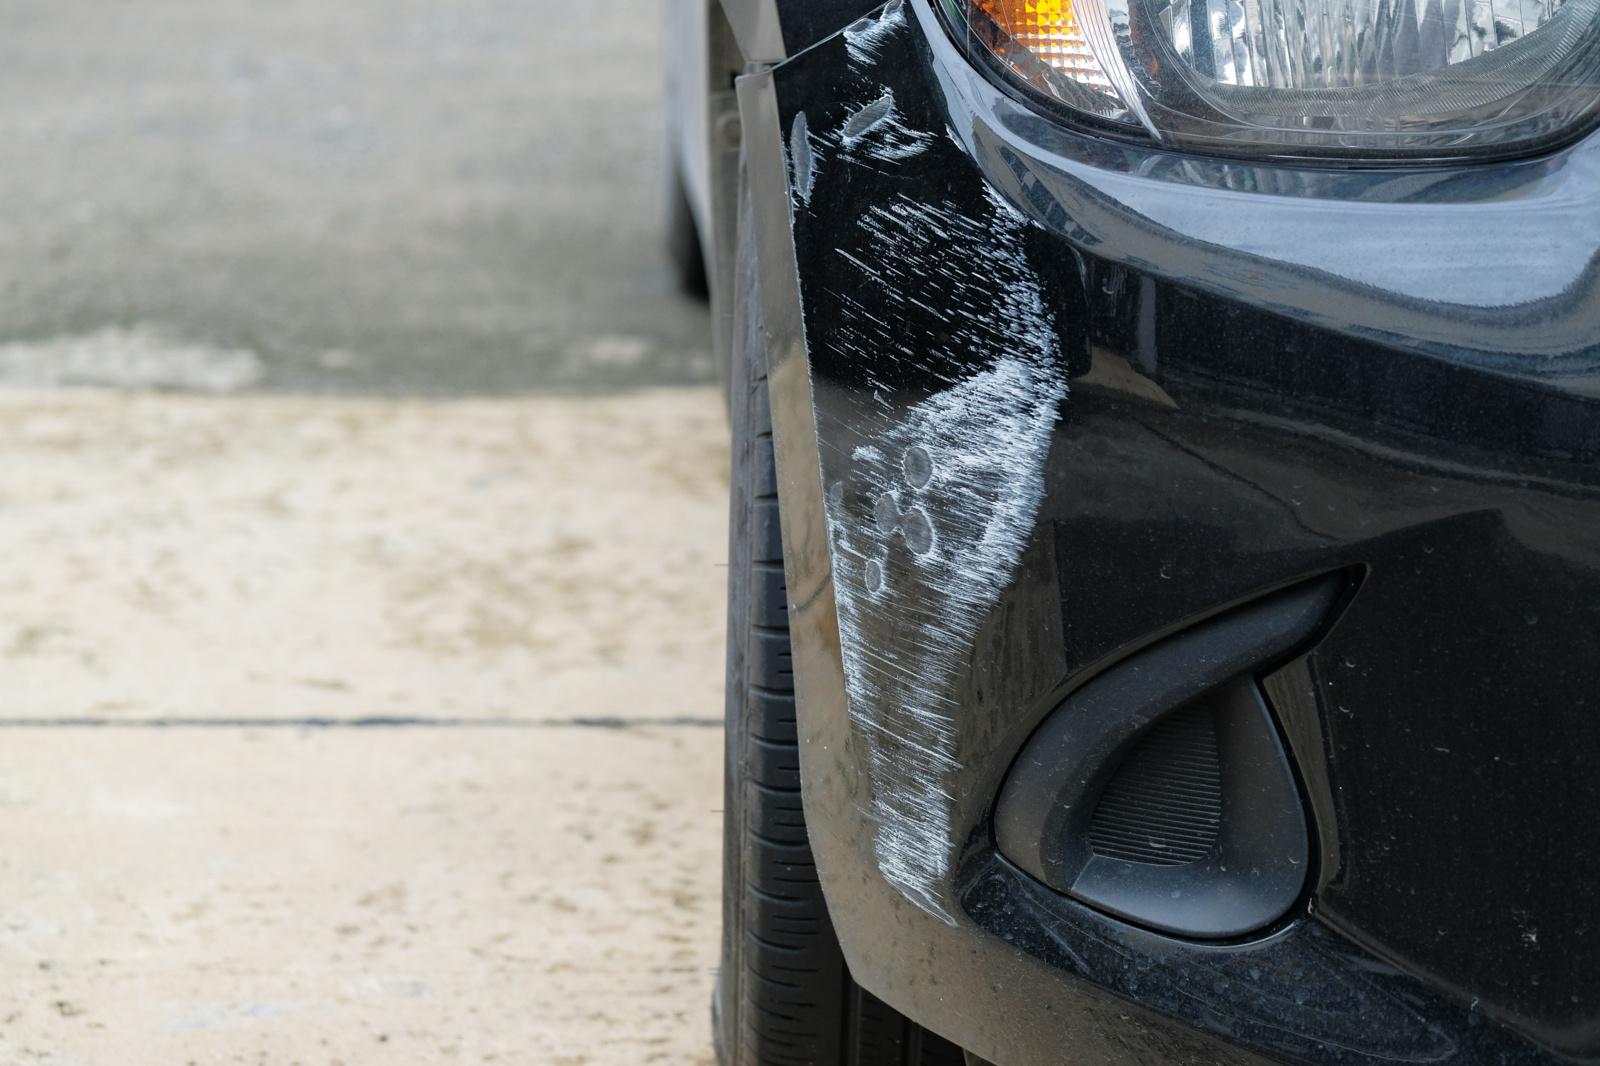 Draudikai įspėja: įbrėžę kitą automobilį, neskubėkite palikti įvykio vietos